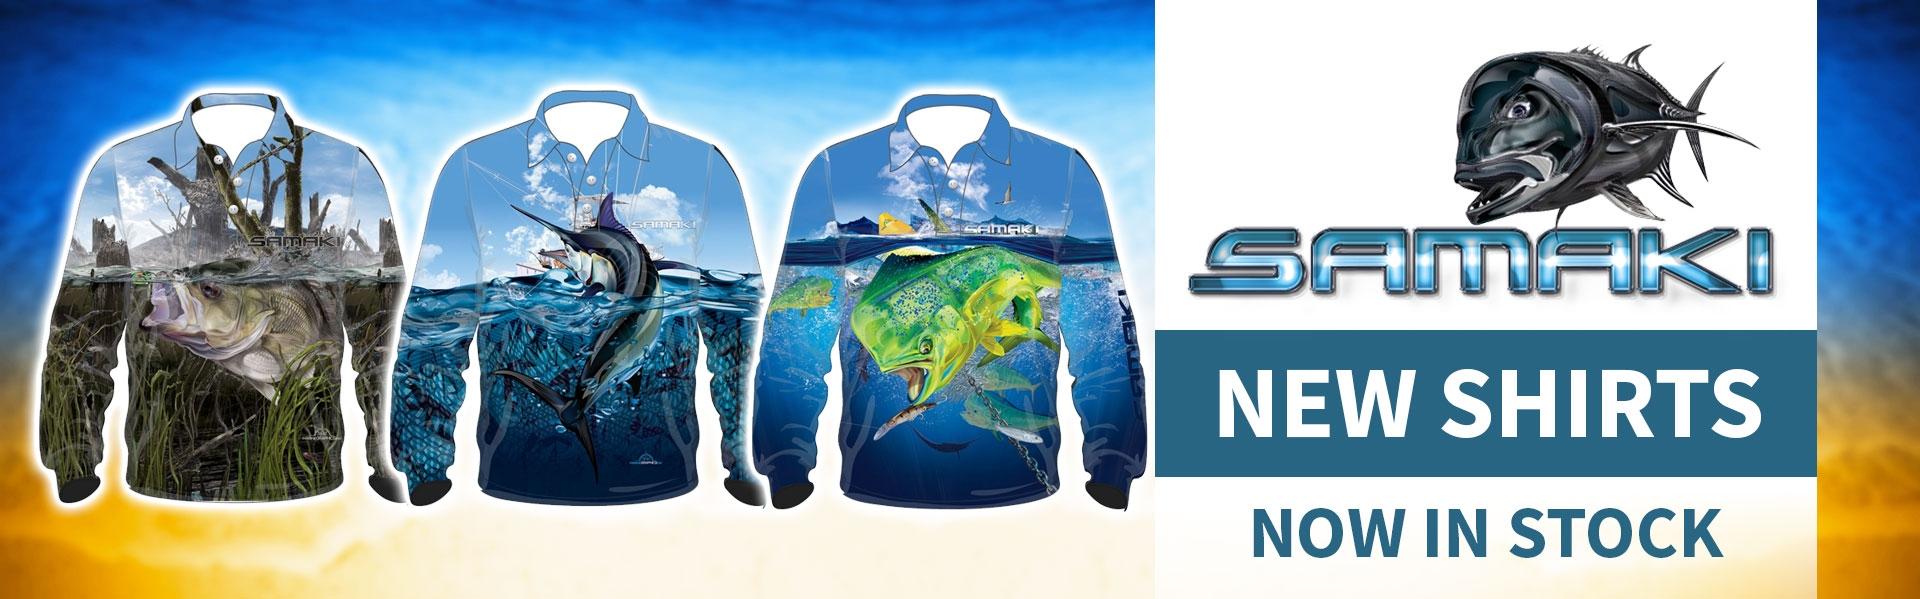 Samaki New Shirts